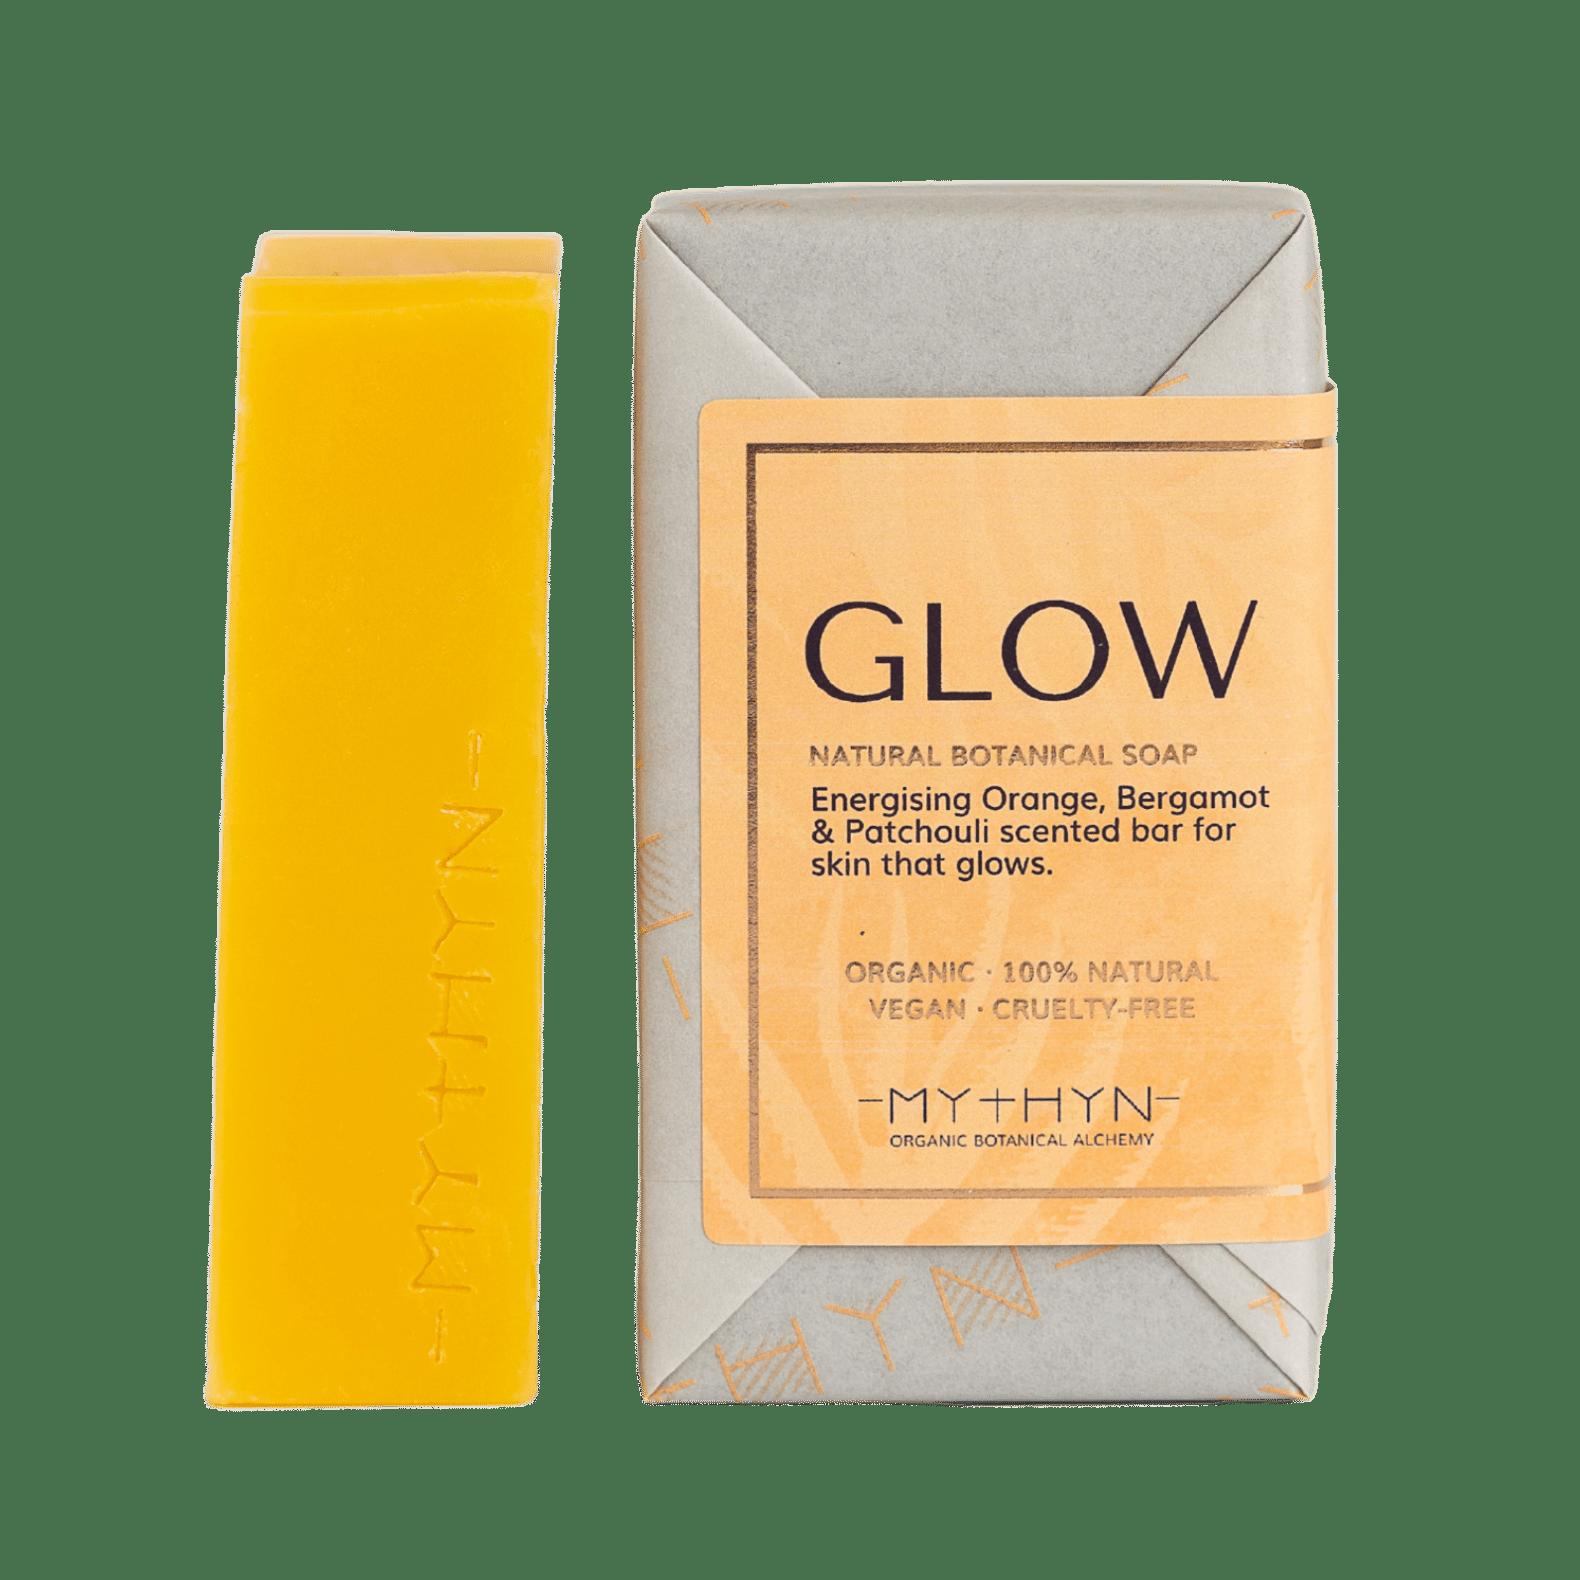 Mythyn - Glow Natural Nourishing Botanical Soap